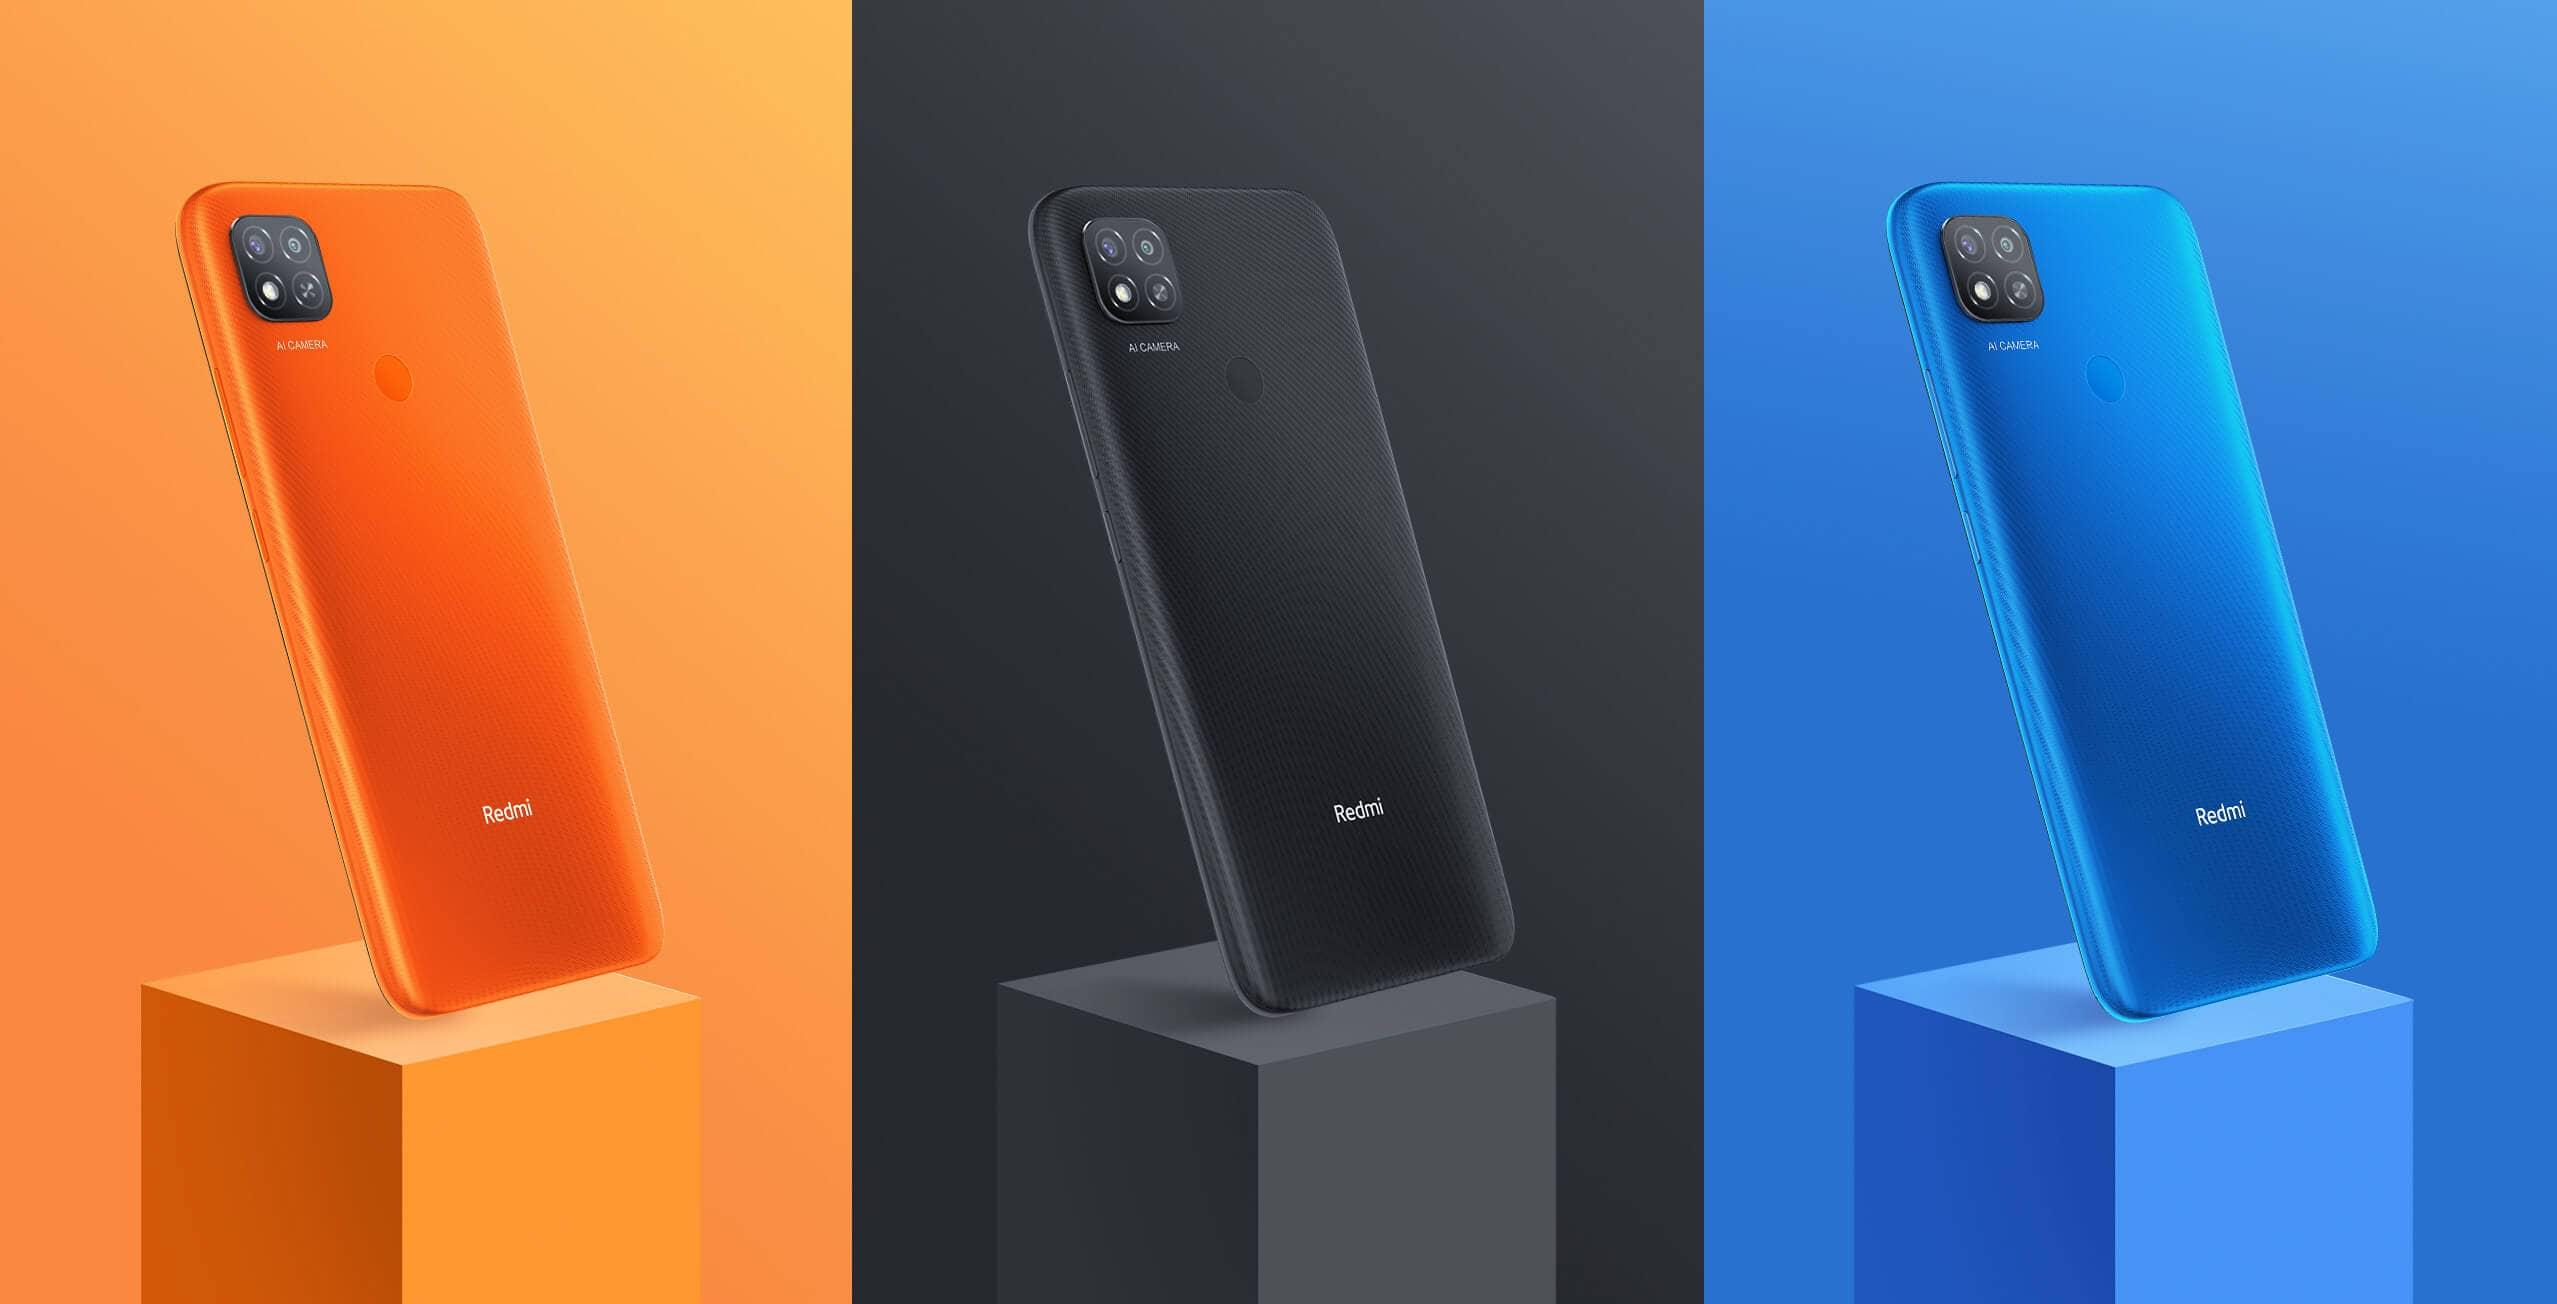 Топ-3 бюджетные смартфоны с NFC по популярности в Украине - ITech